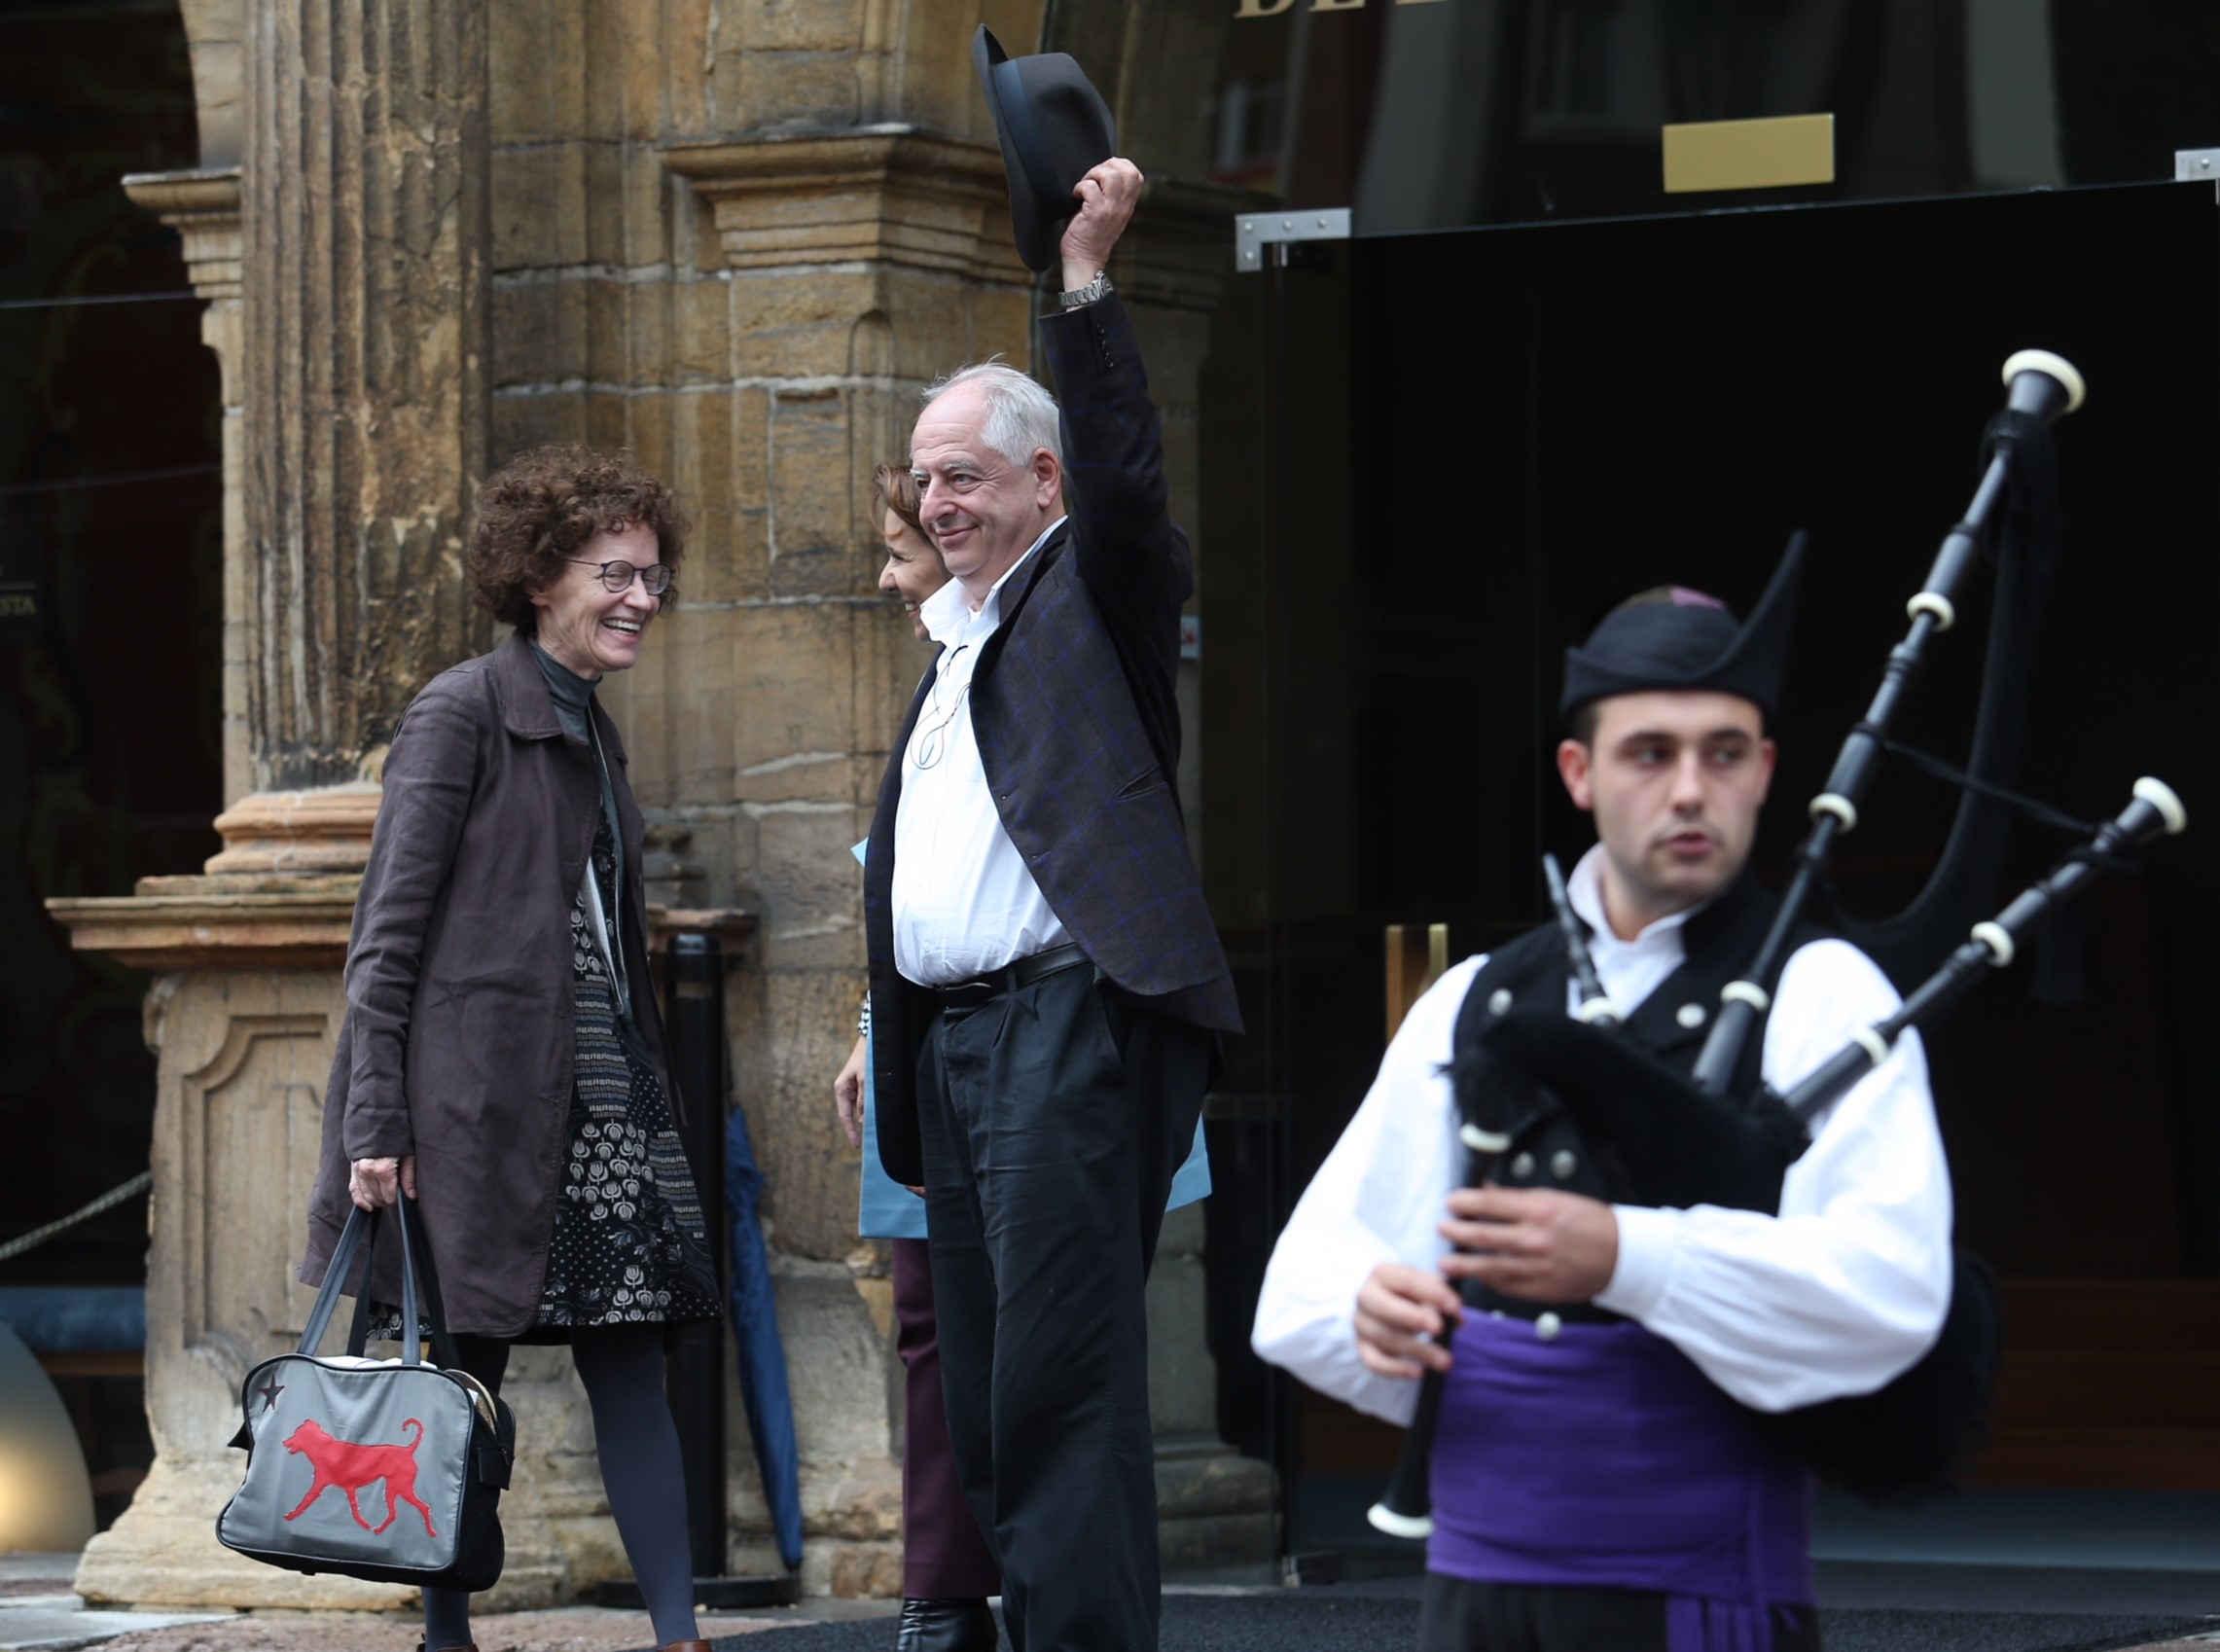 Arrival of William Kentridge